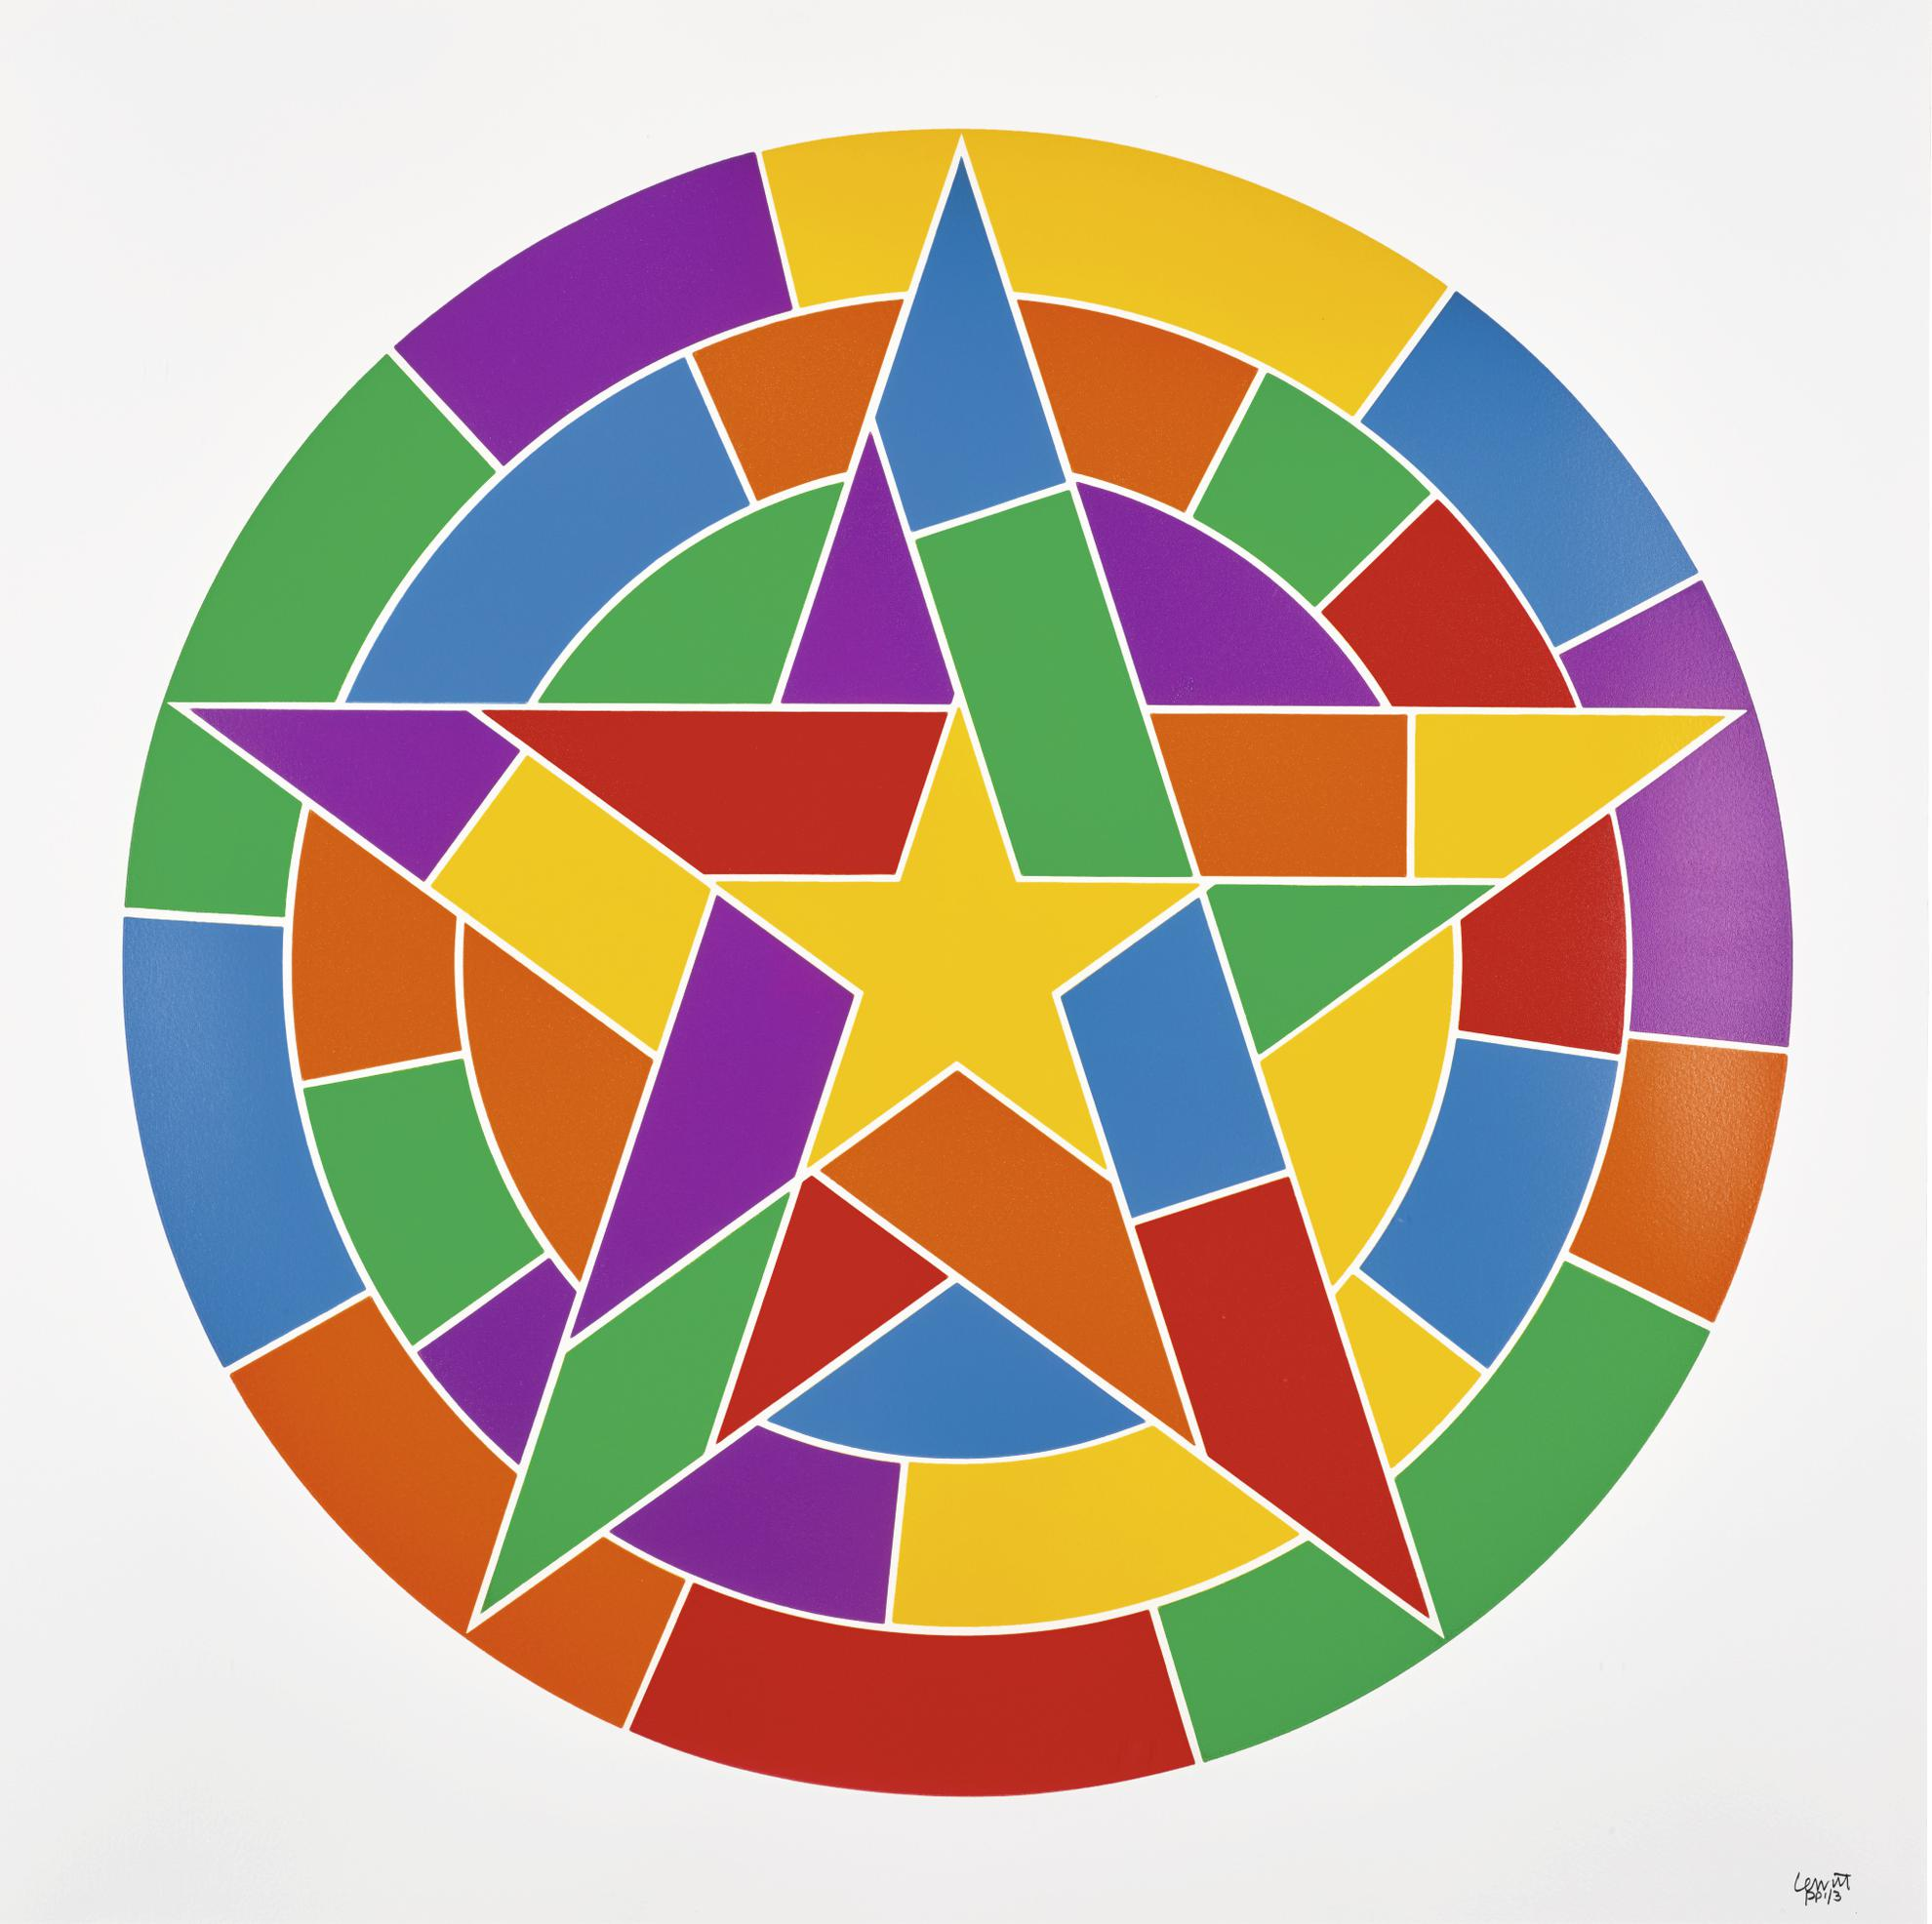 Sol LeWitt-Tondo Stars 1-6-2002